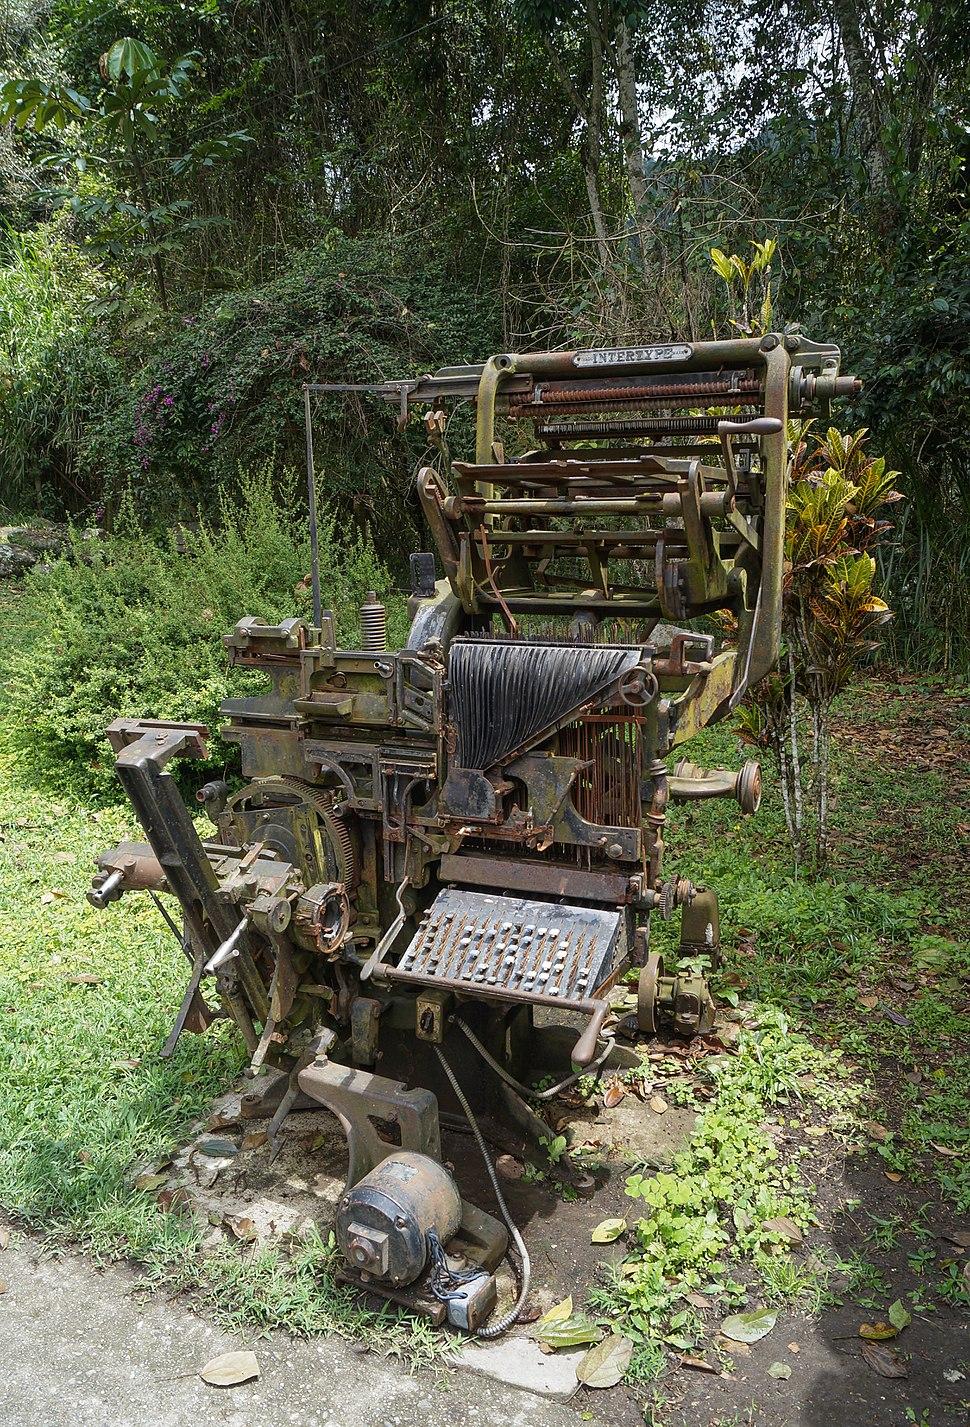 Intertype Machine